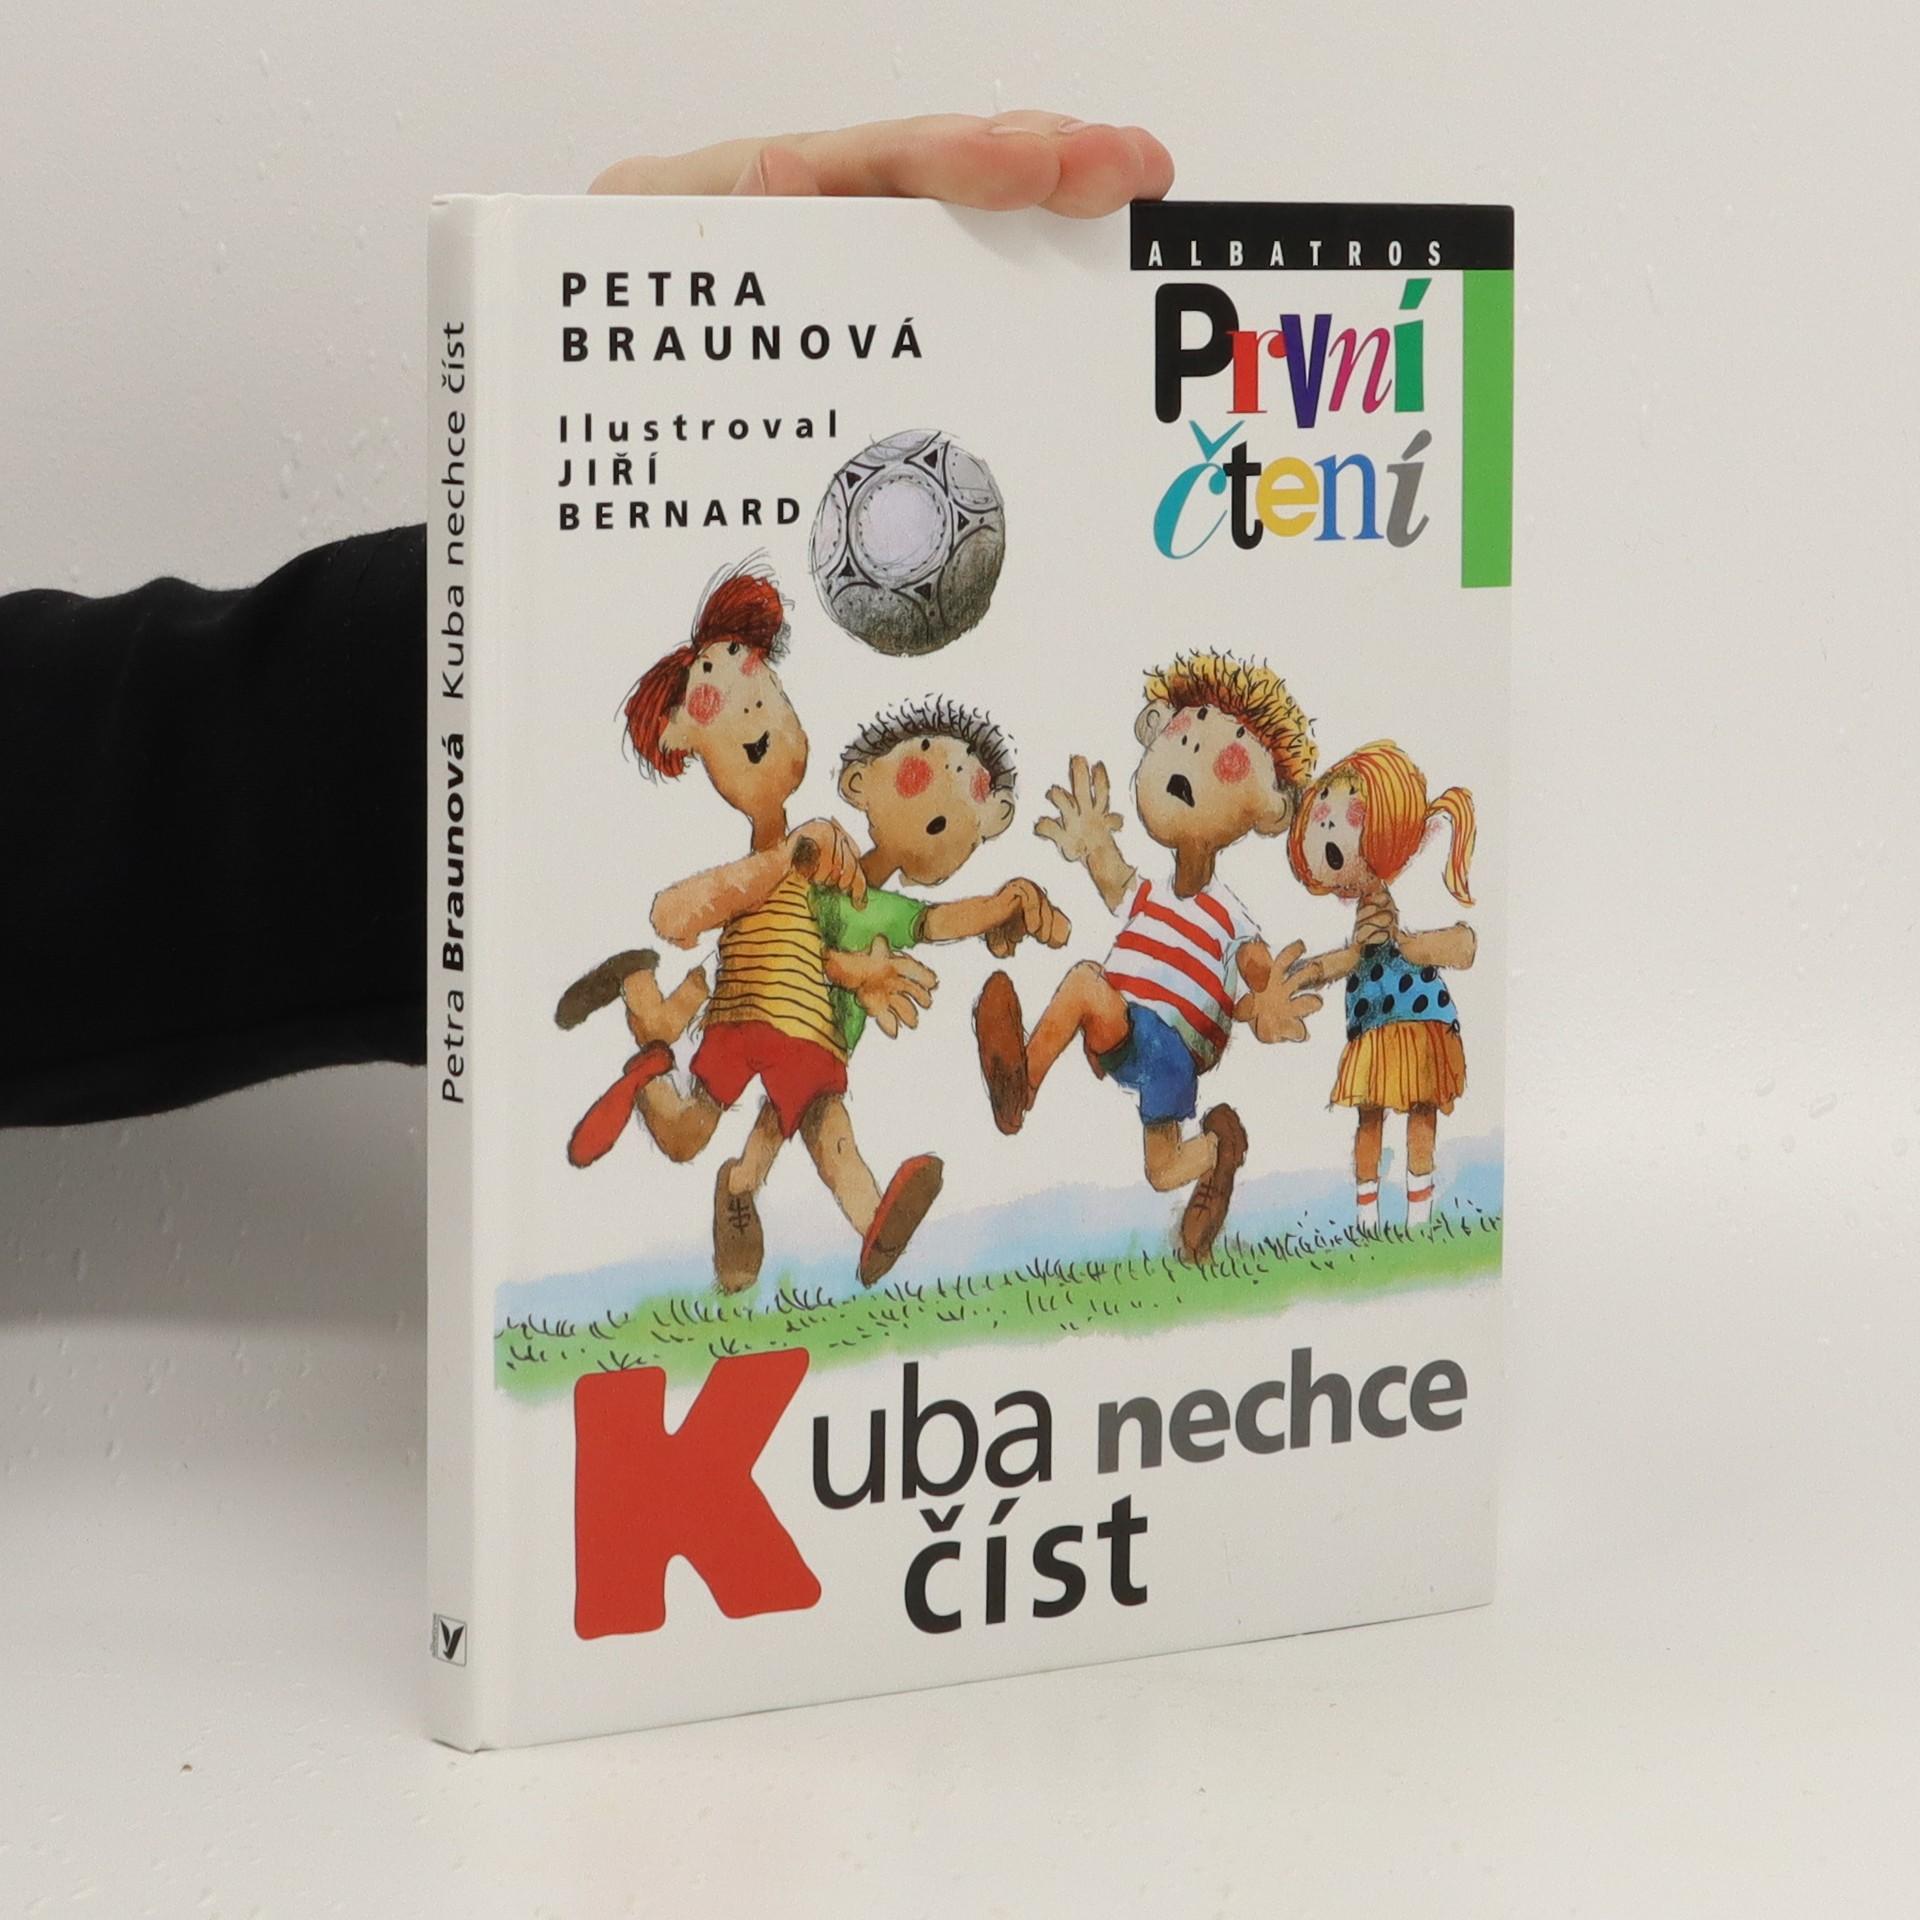 antikvární kniha Kuba nechce číst, 2015